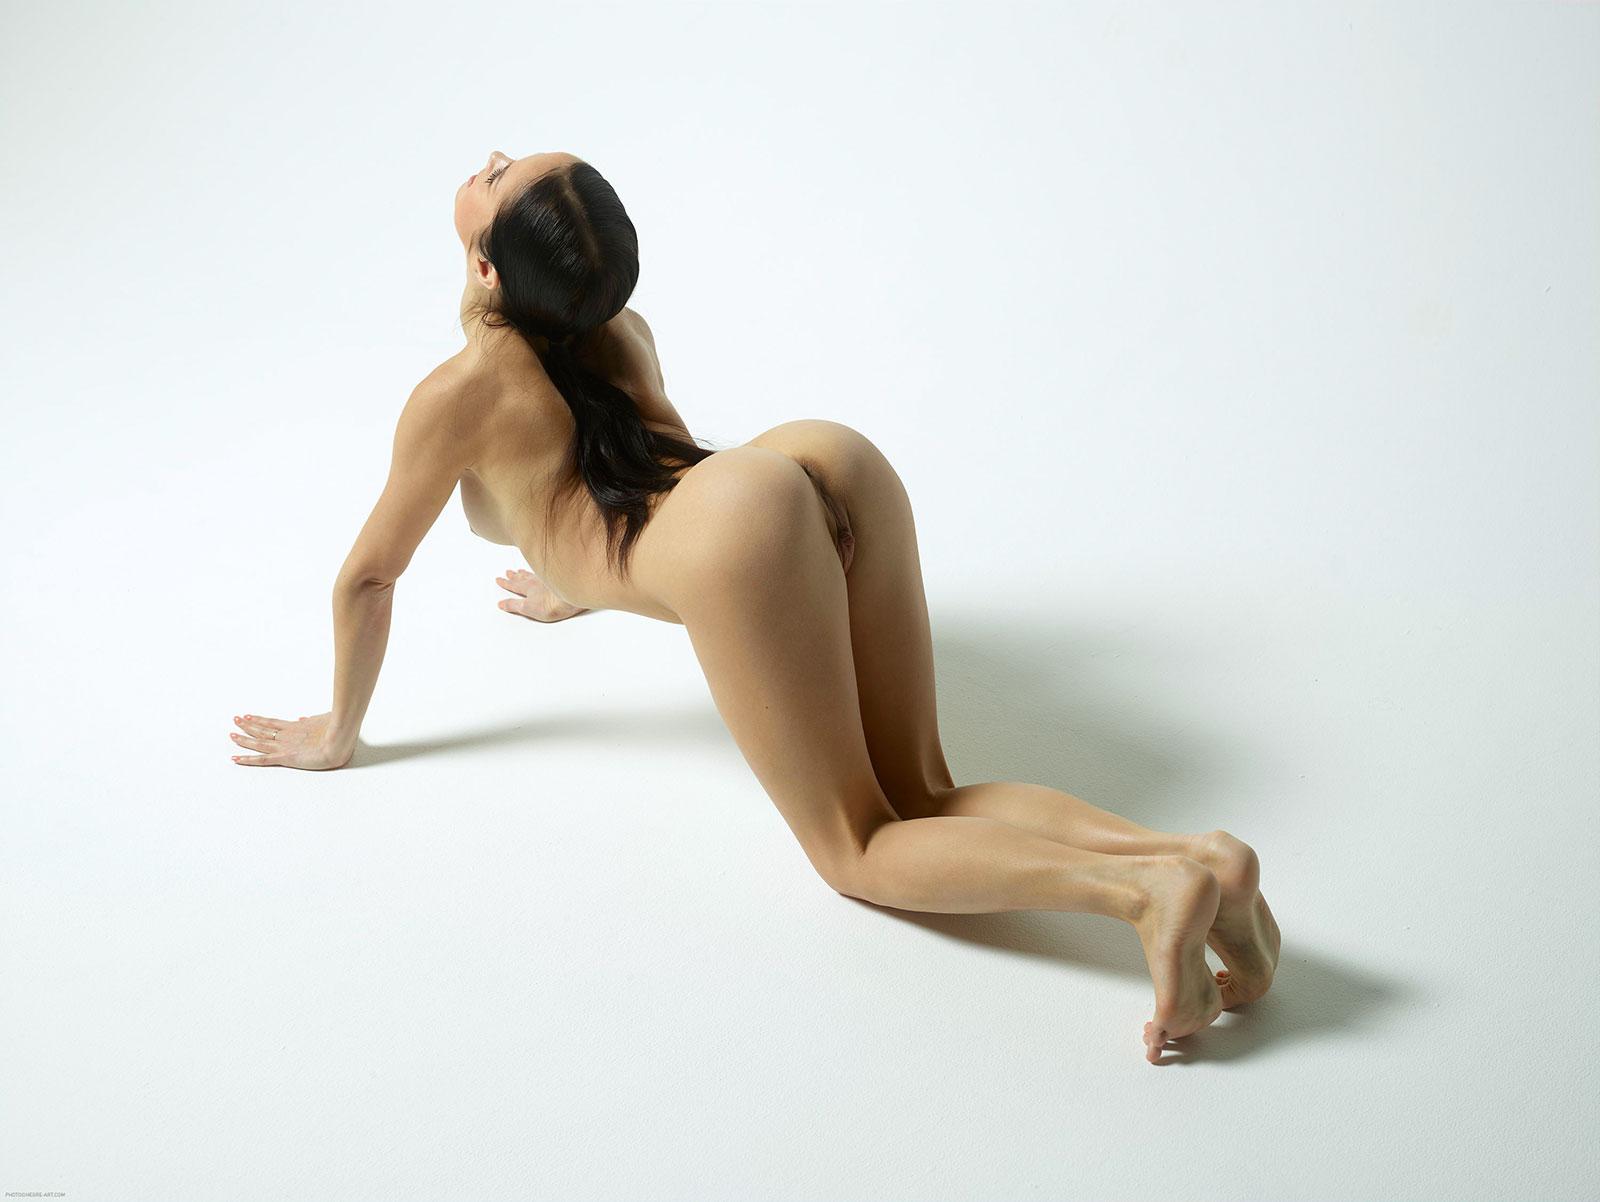 mother big ass nude